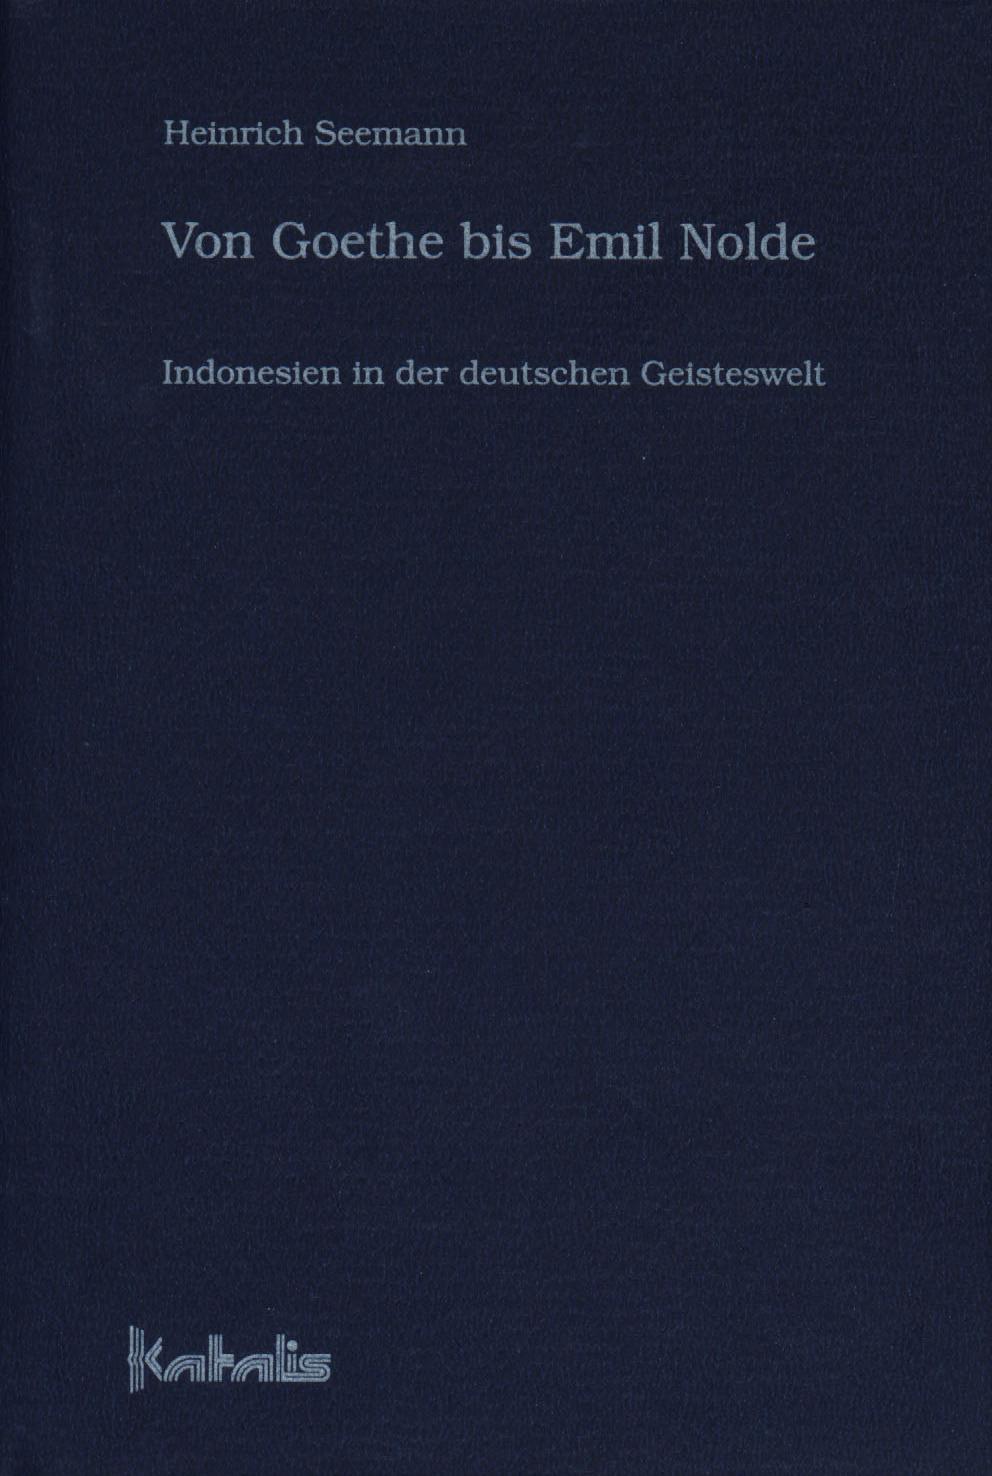 Indonesien in der deutschen Geisteswelt - Von Goethe bis Emil Nolde